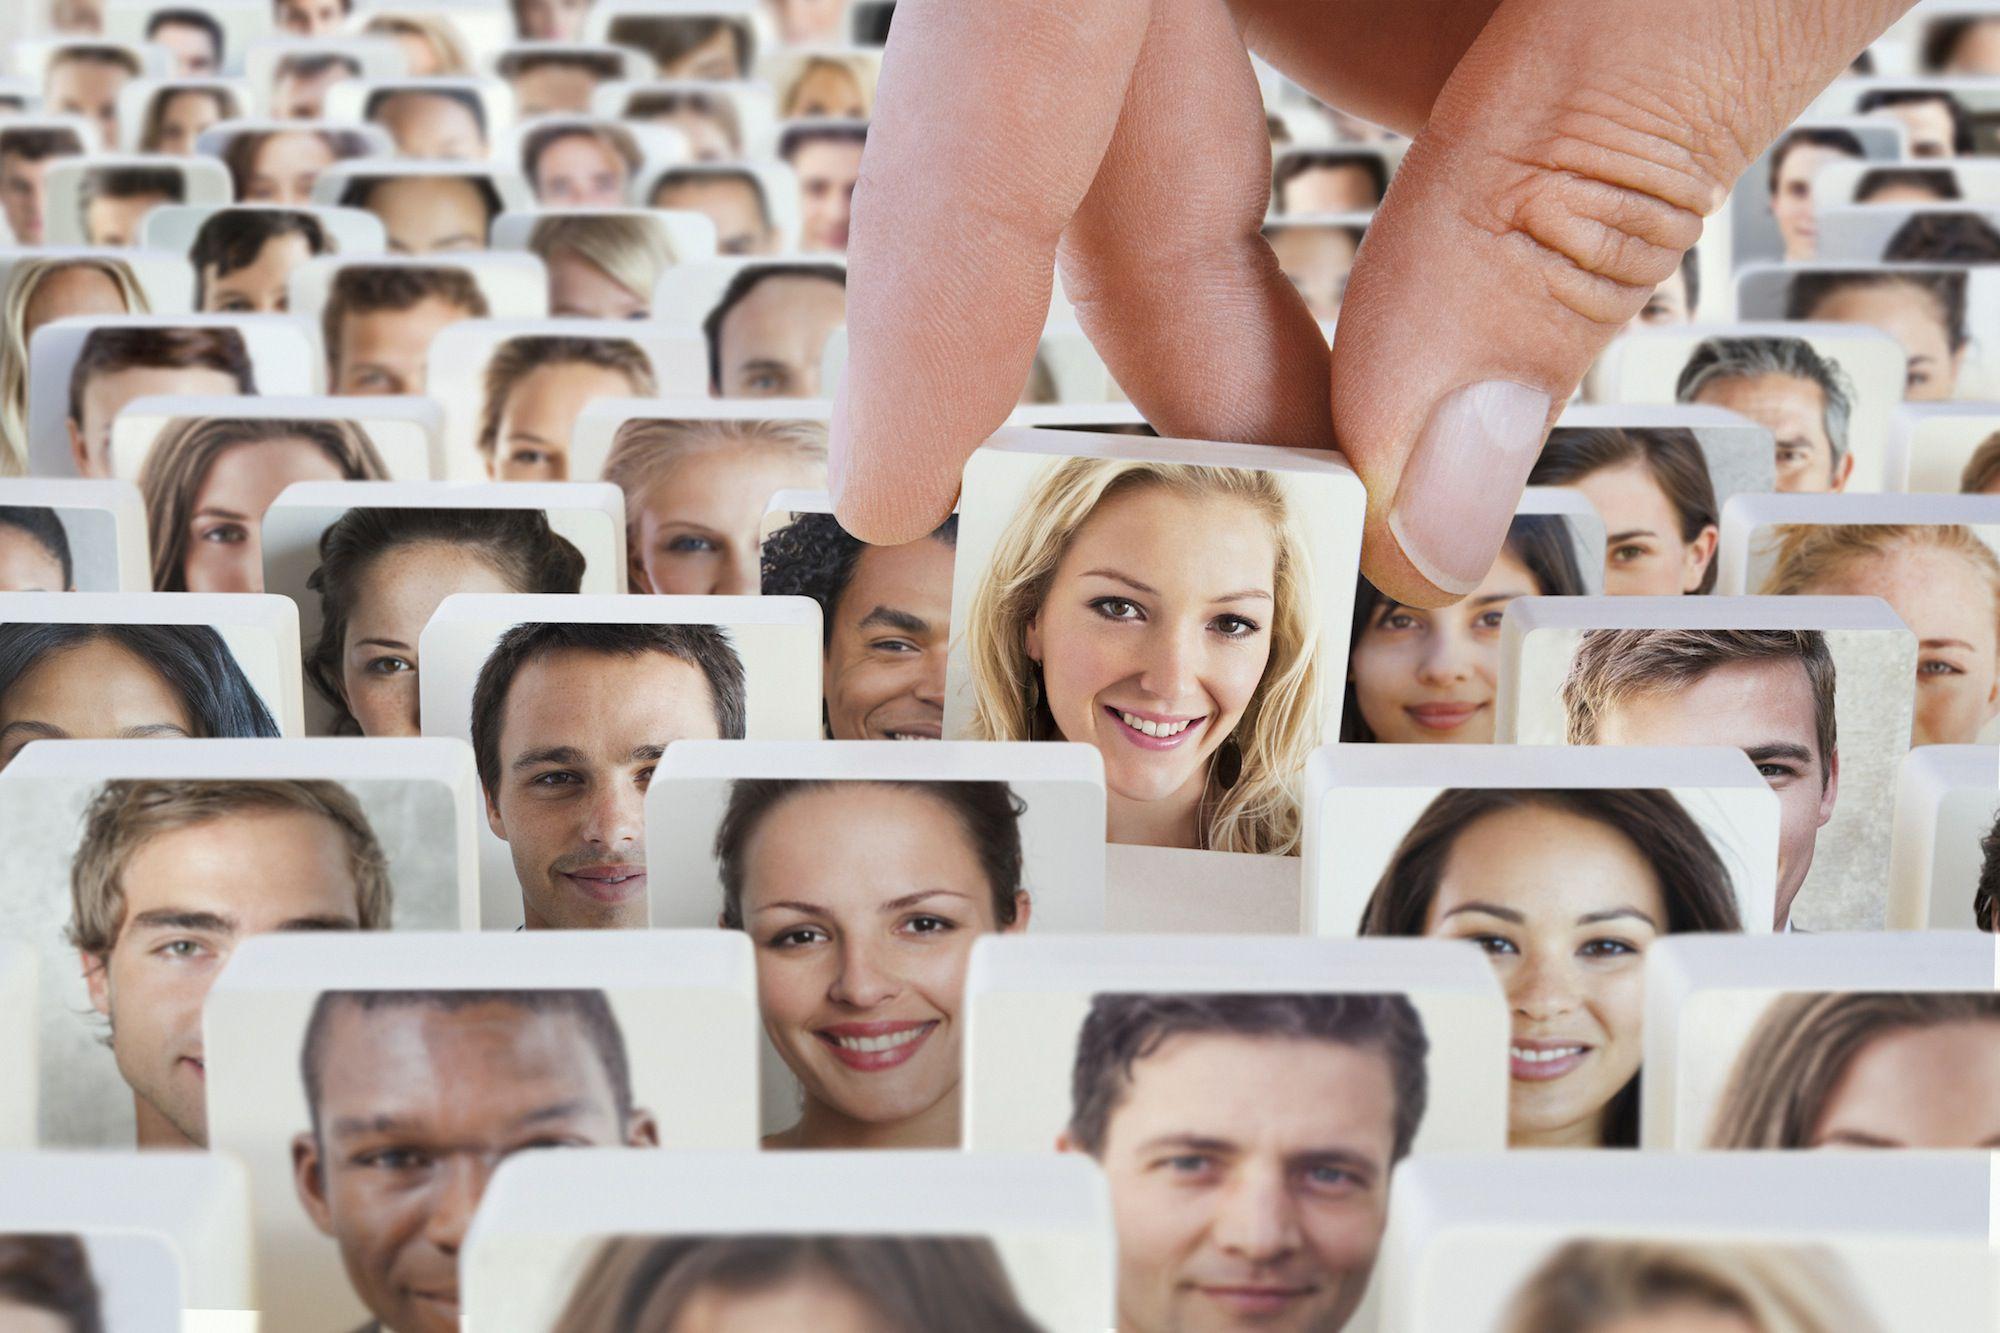 Den beste online dating profiler eksempler